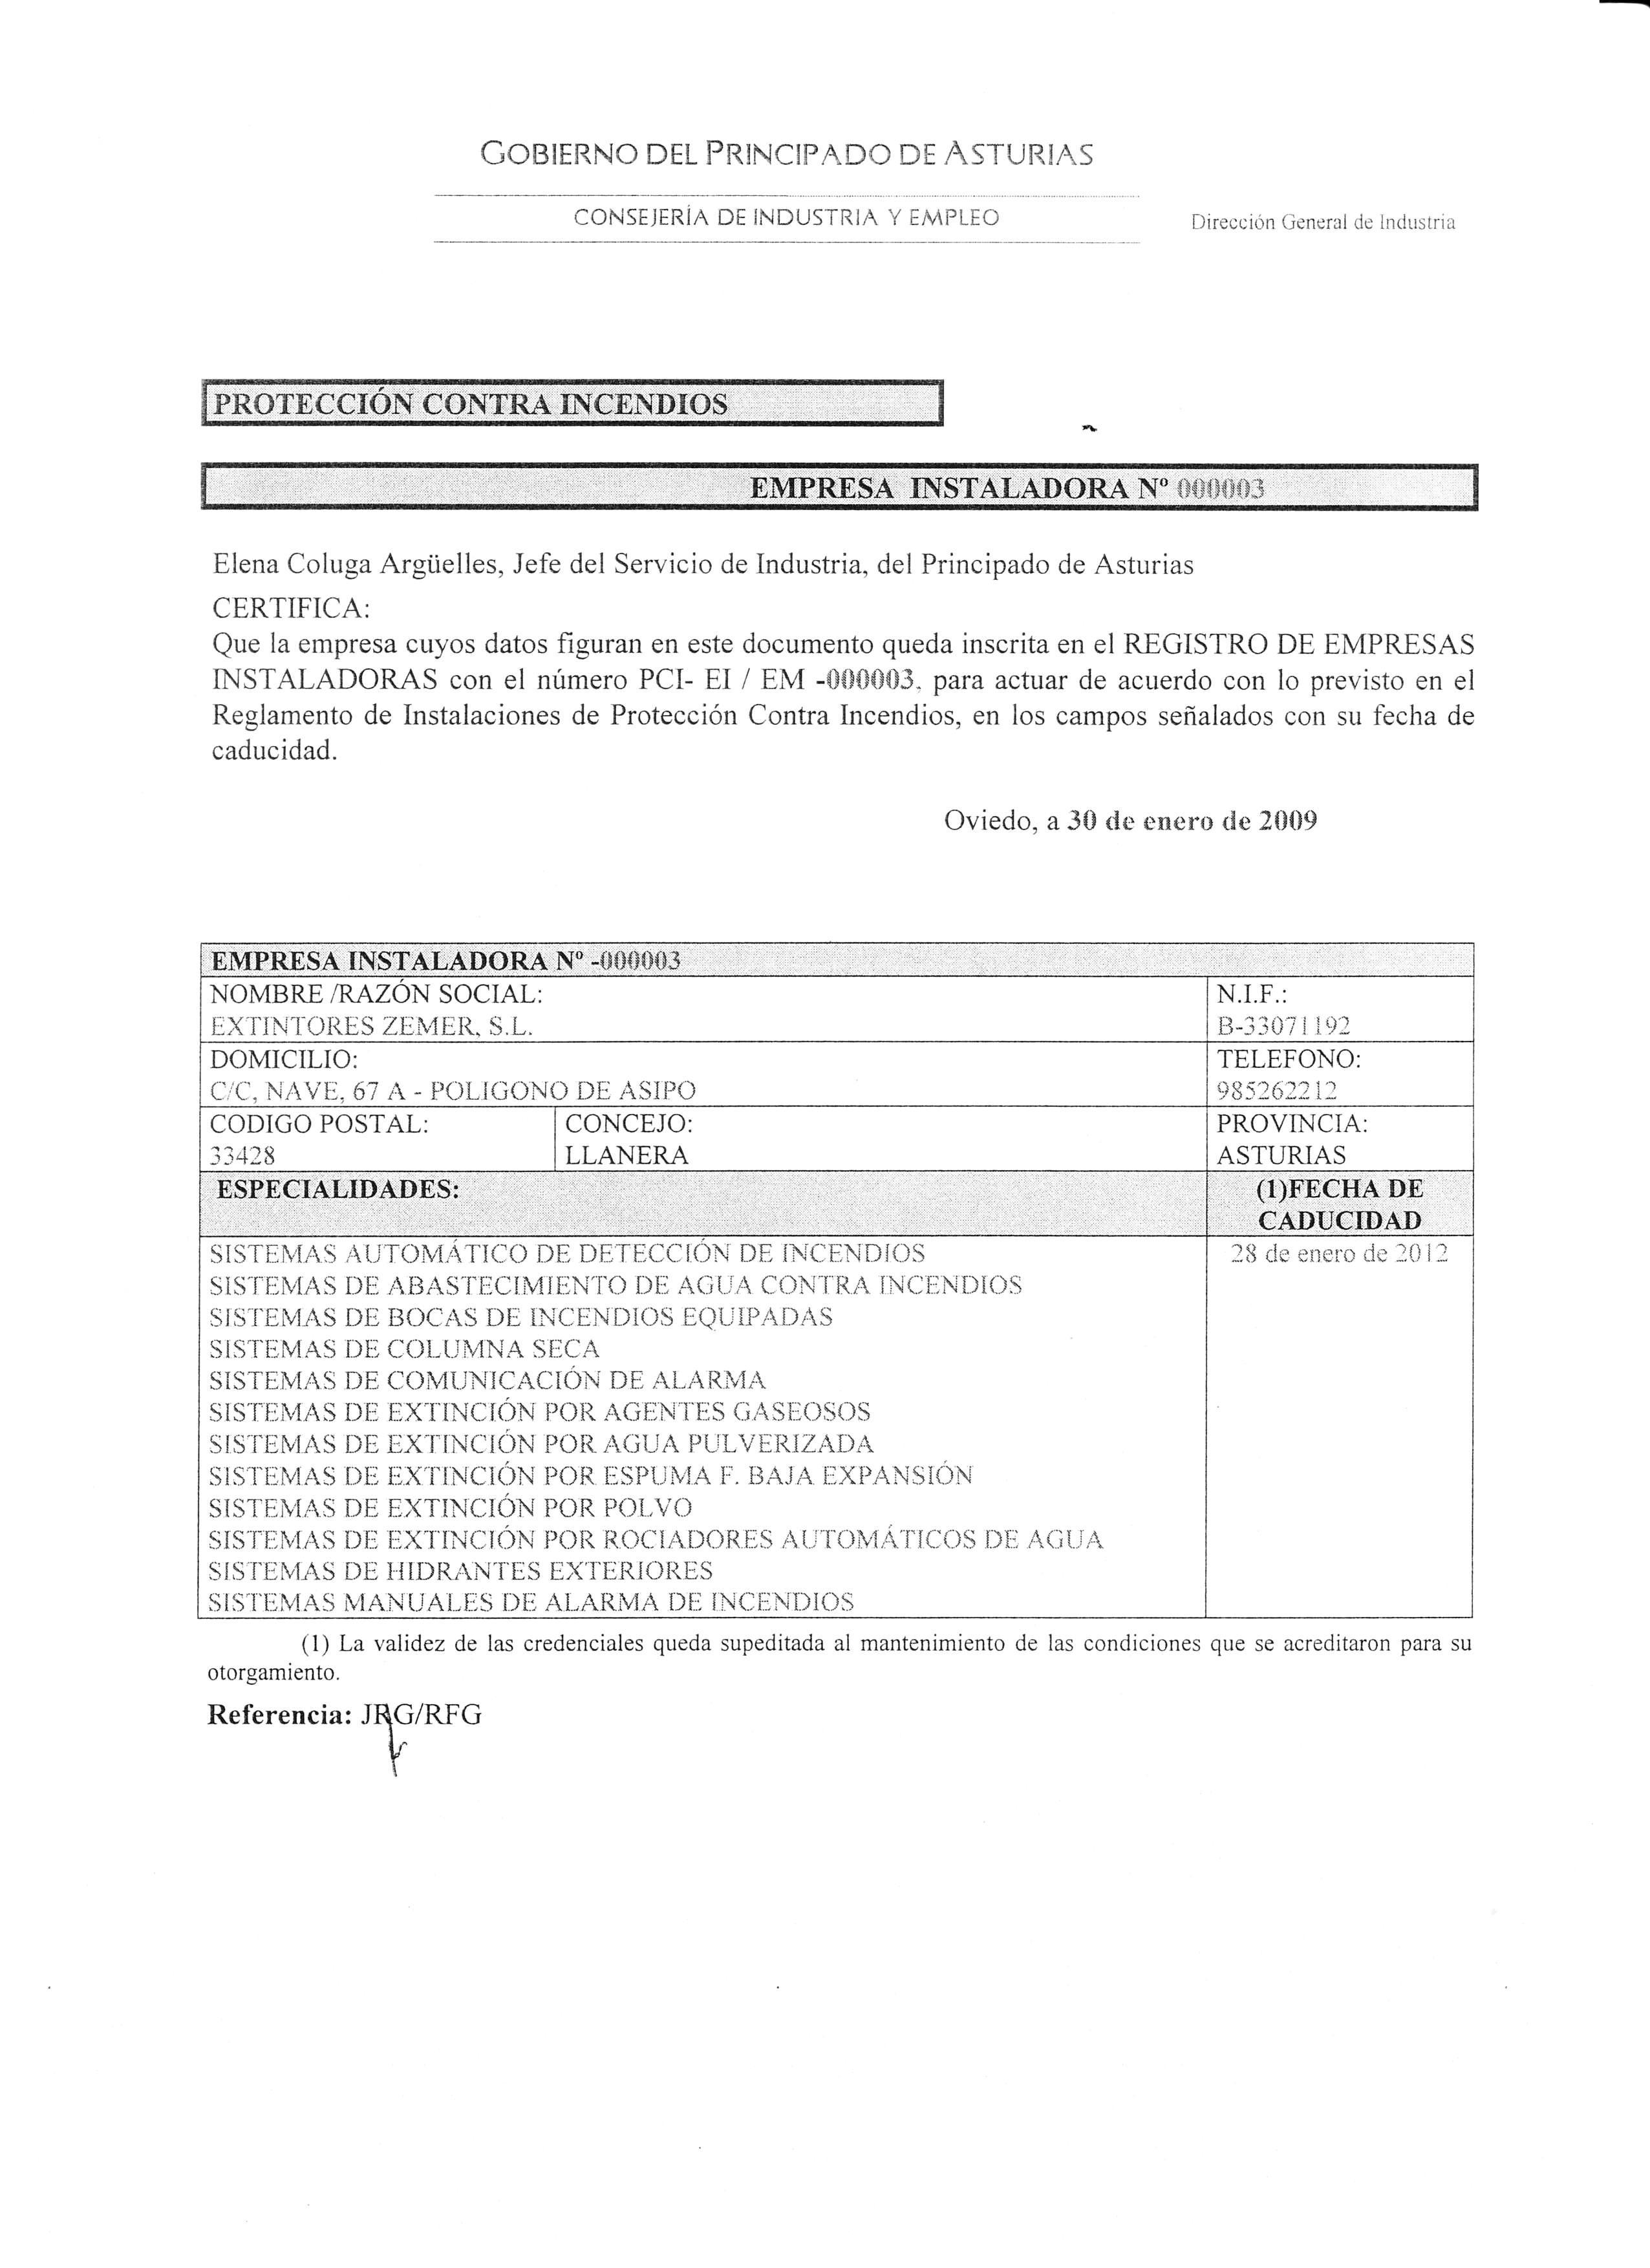 AUTORIZACION INSTALACION EQUIPOS PCI